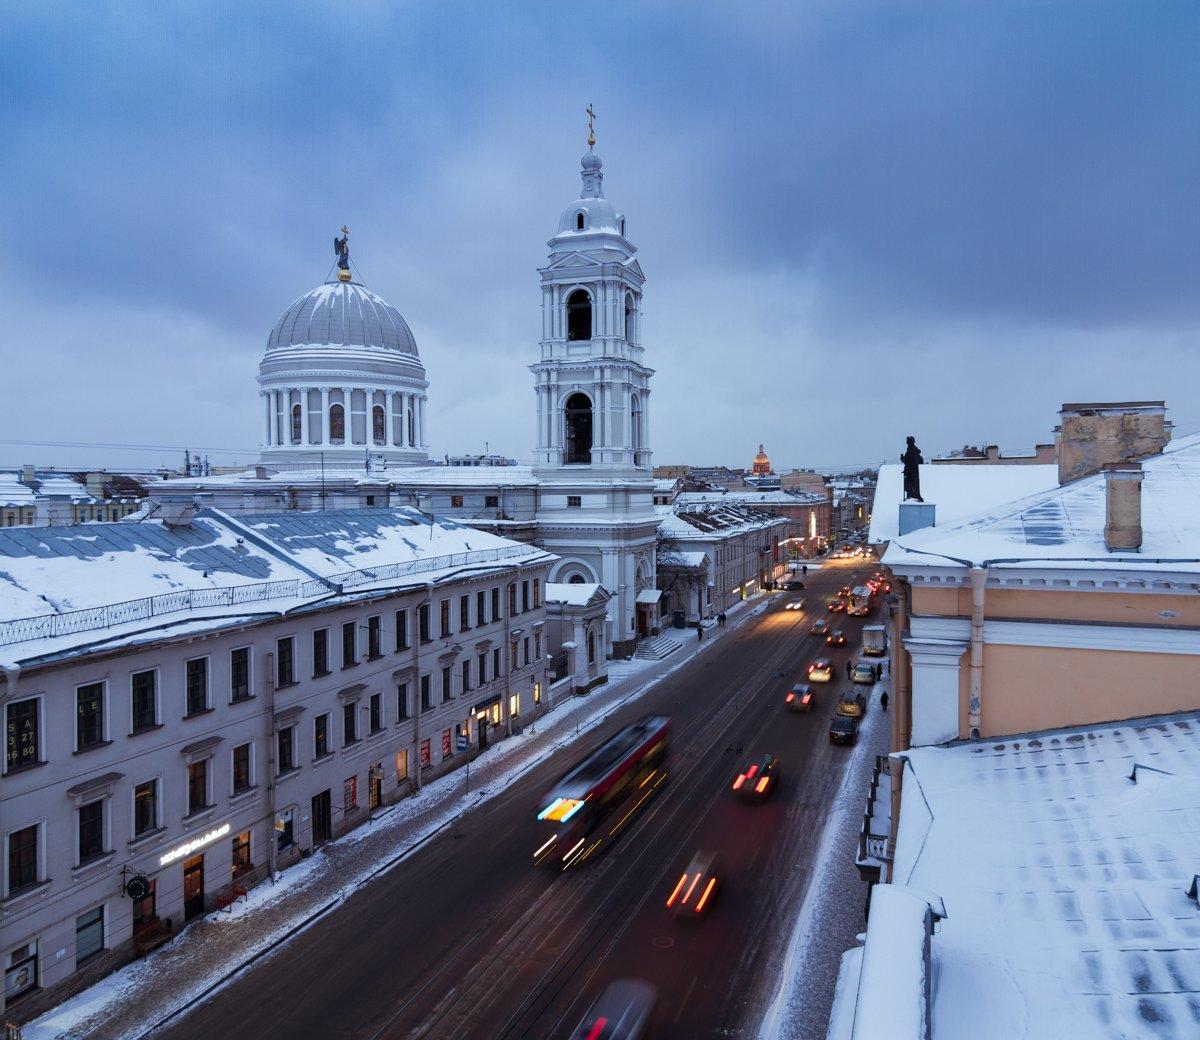 санкт-петербург, церковь, городской пейзаж, россия, зима, зимний пейзаж,, Мария Креймер